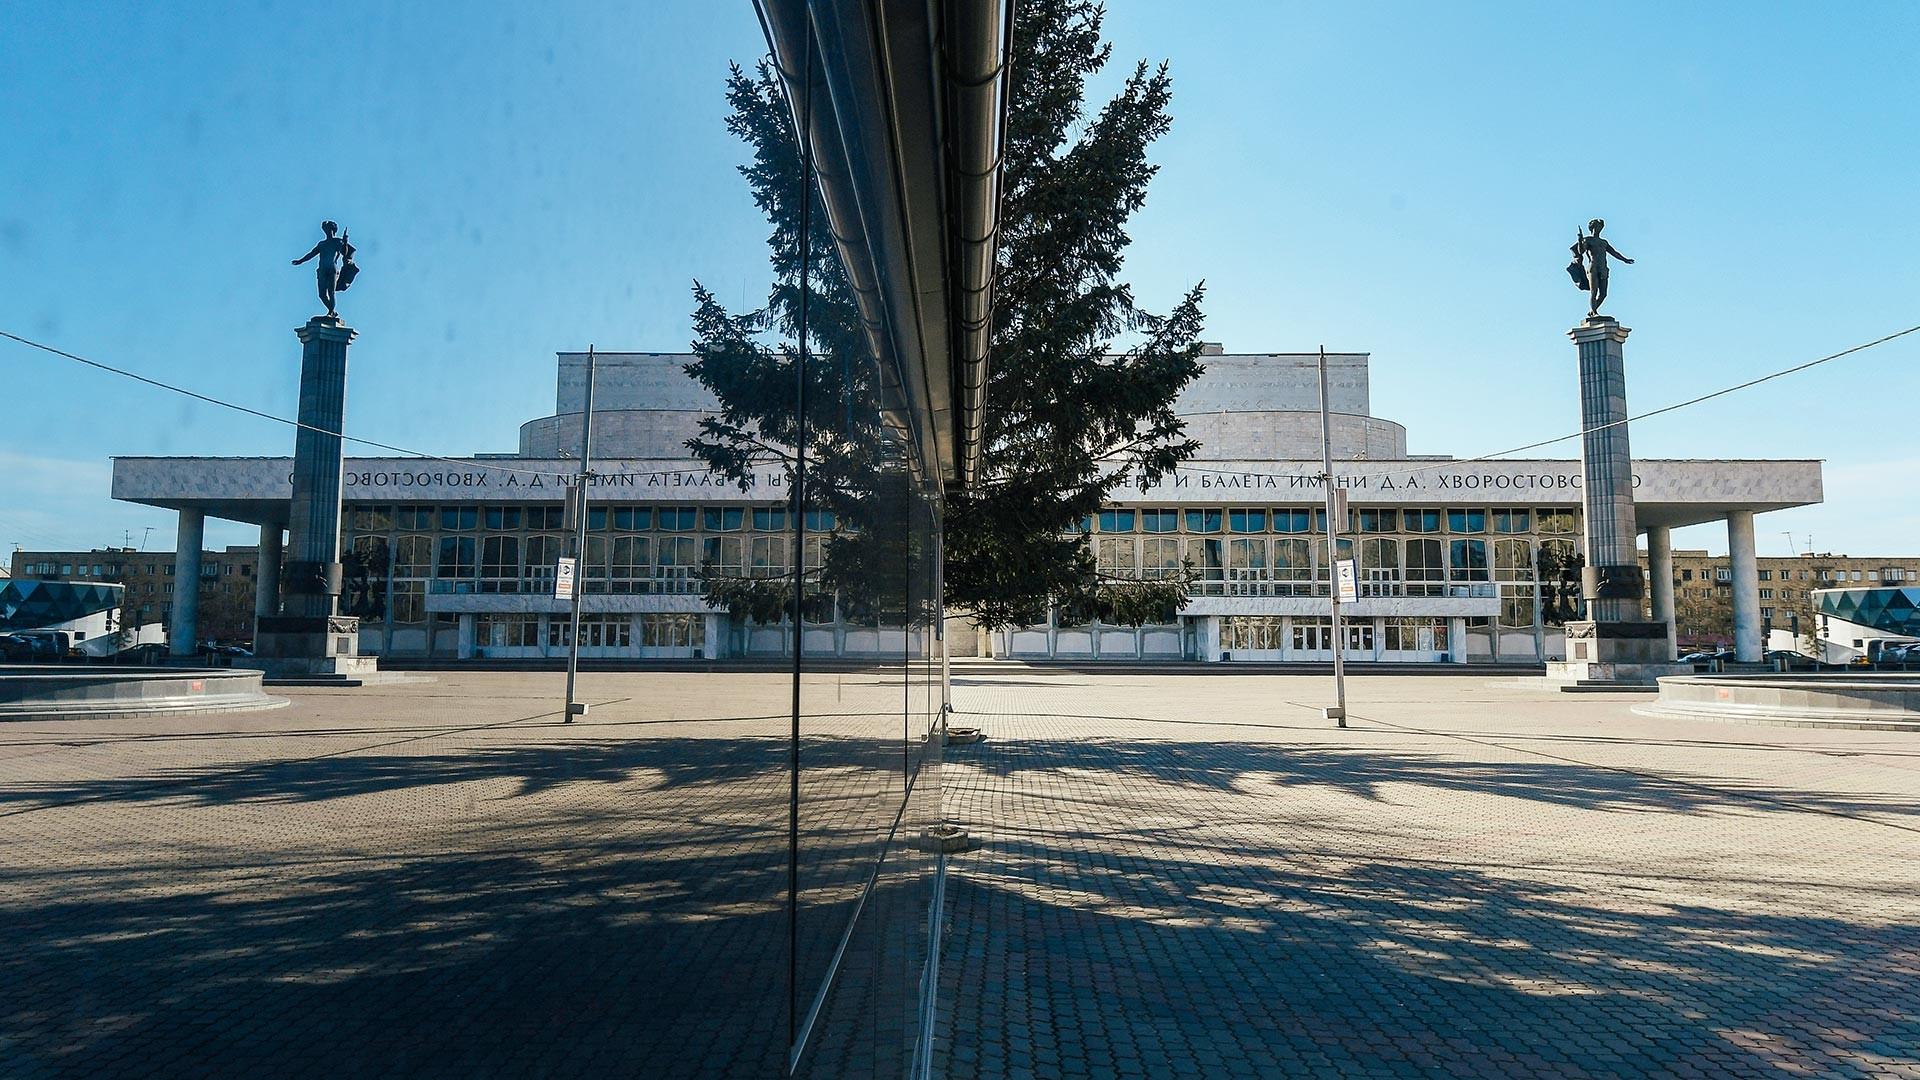 クラスノヤルスクの劇場広場の現在様子